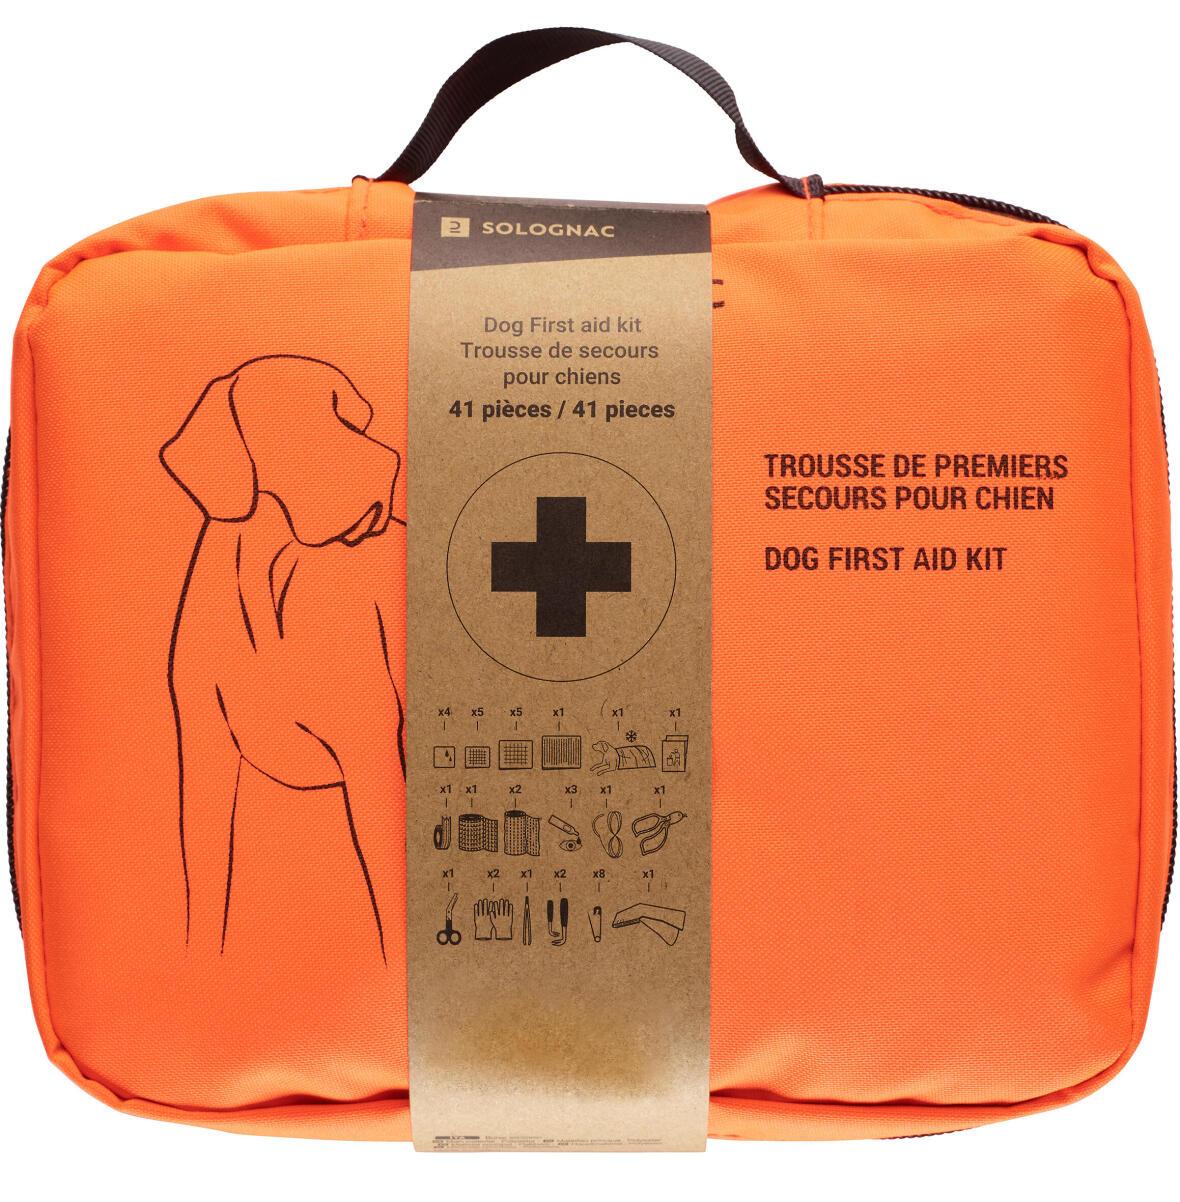 La trousse de secours pour chiens arrive chez SOlognac